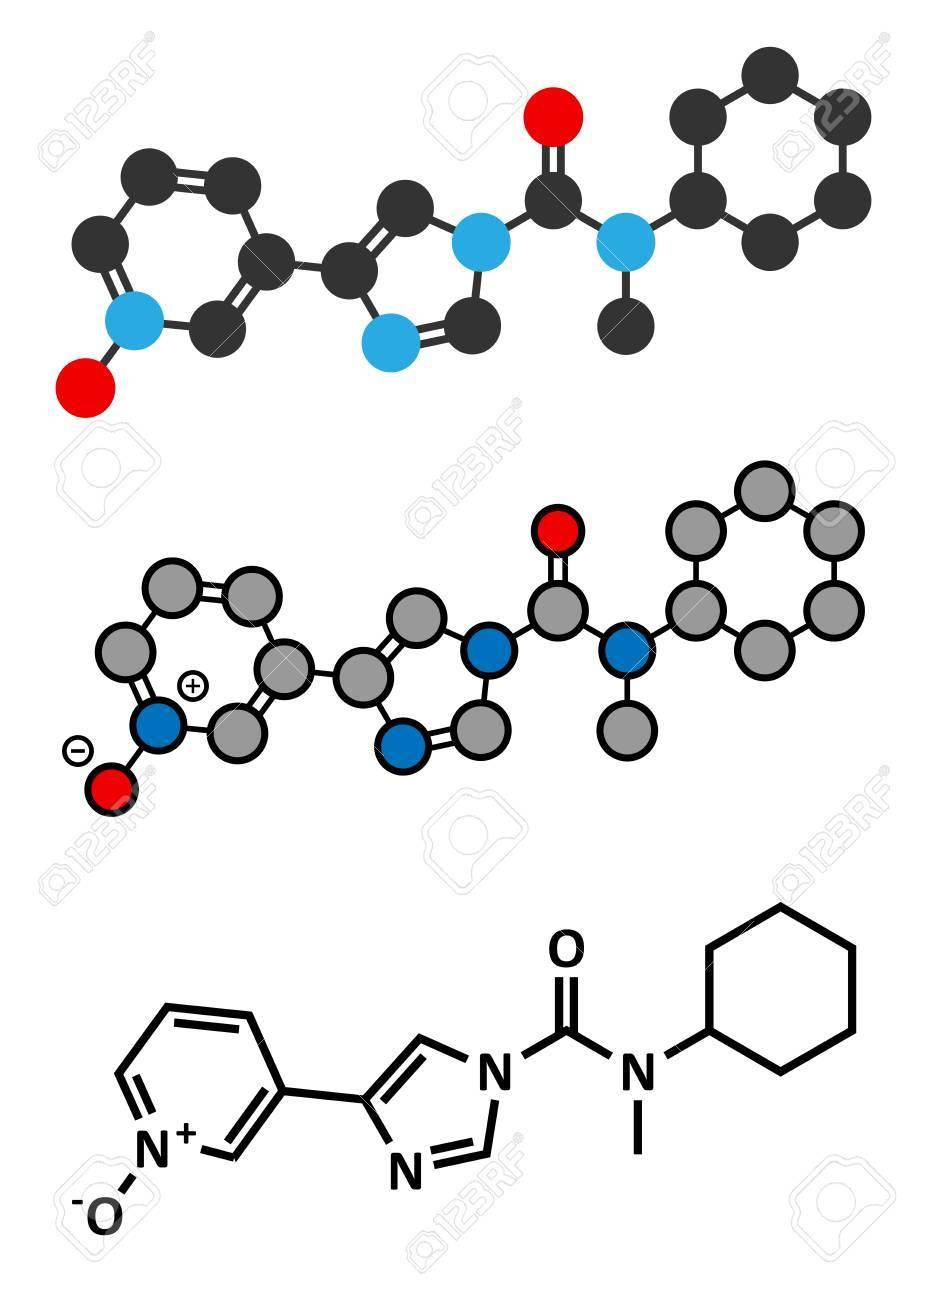 BIA 10-2474 experimental drug molecule. Fatty acid amide hydrolase (FAAH)  inhibitor